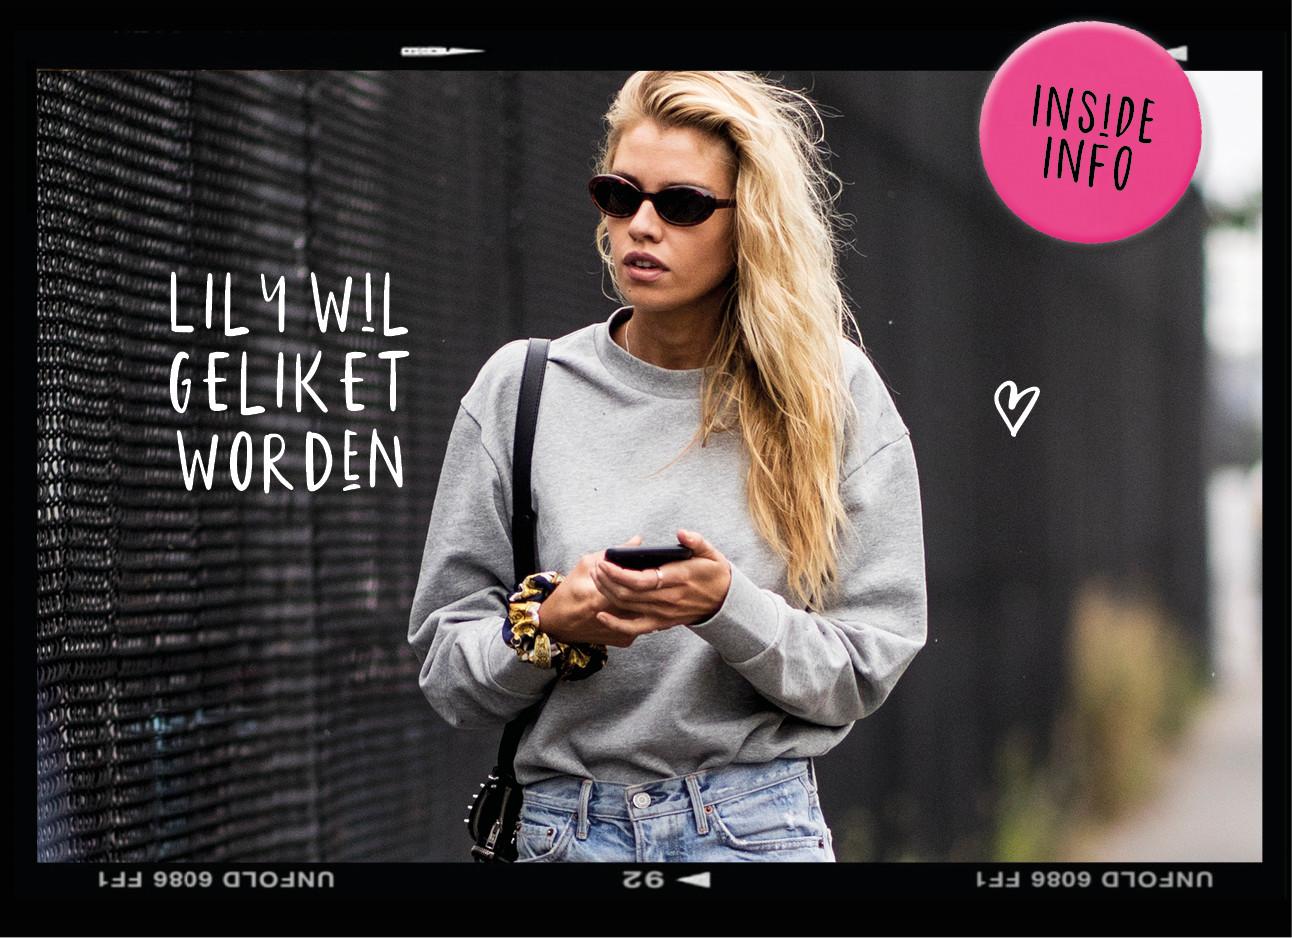 dagboek van een model, blond model met zonnebril en grijze sweater en jeans, lily wil geliket worden